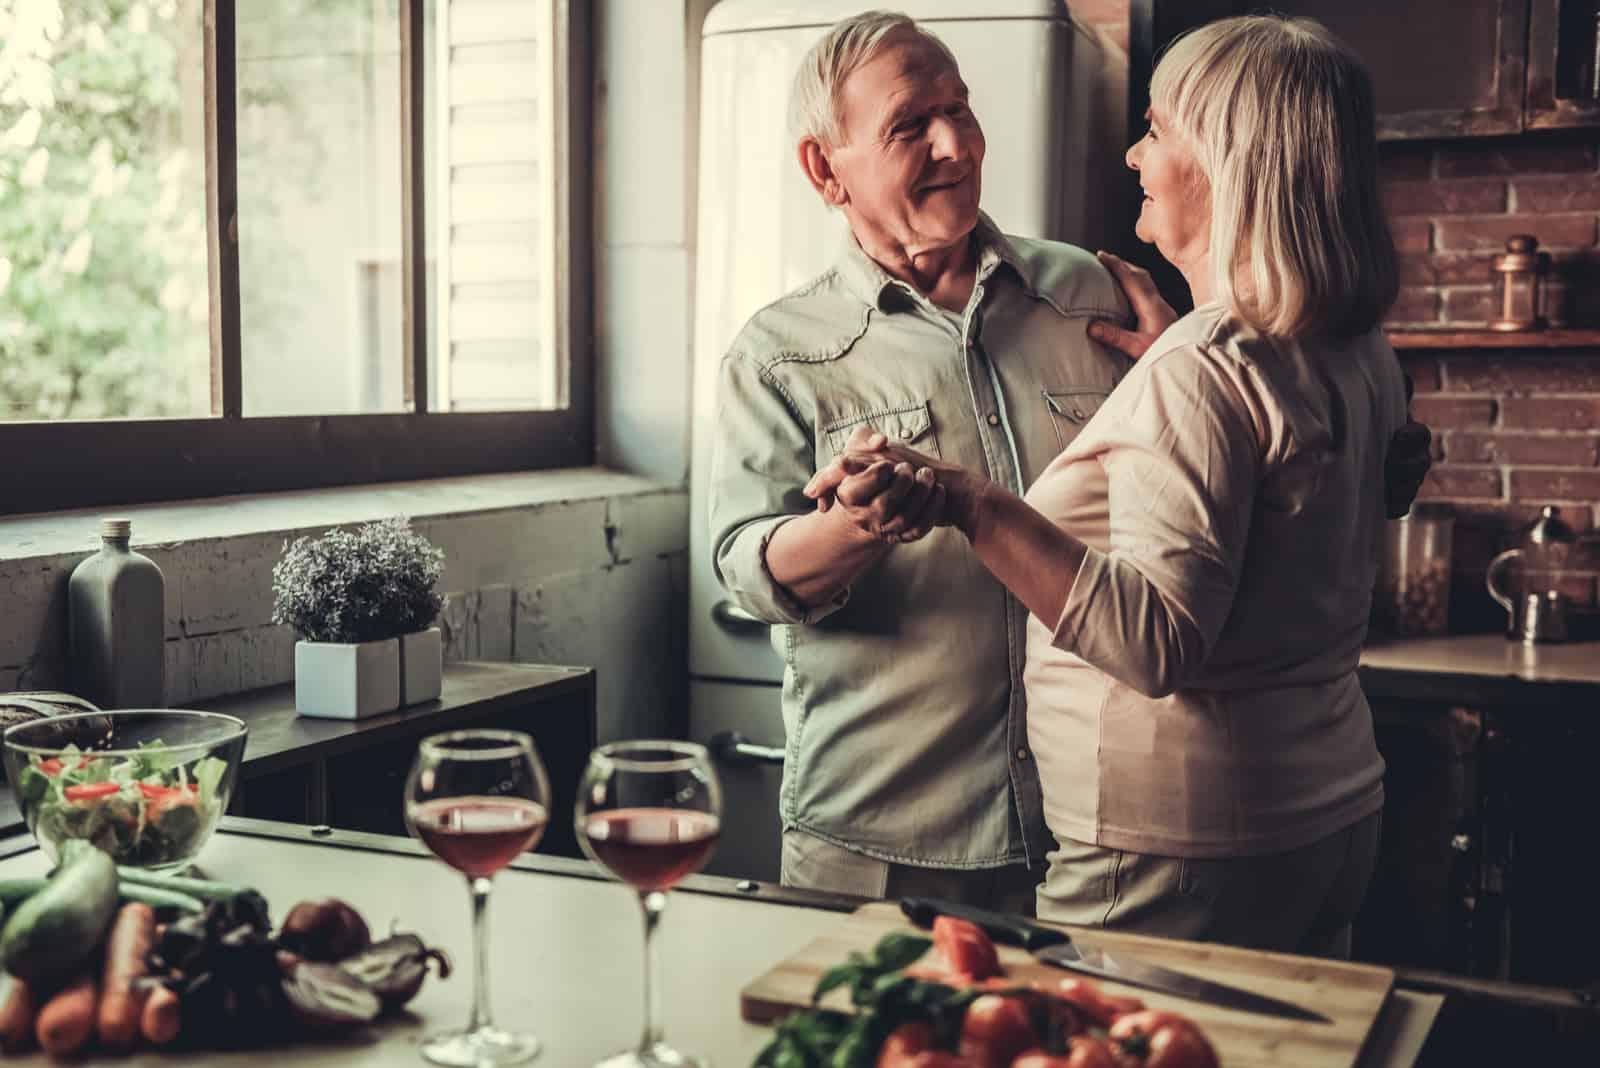 Schönes älteres Paar tanzt und lächelt beim gemeinsamen Kochen in der Küche